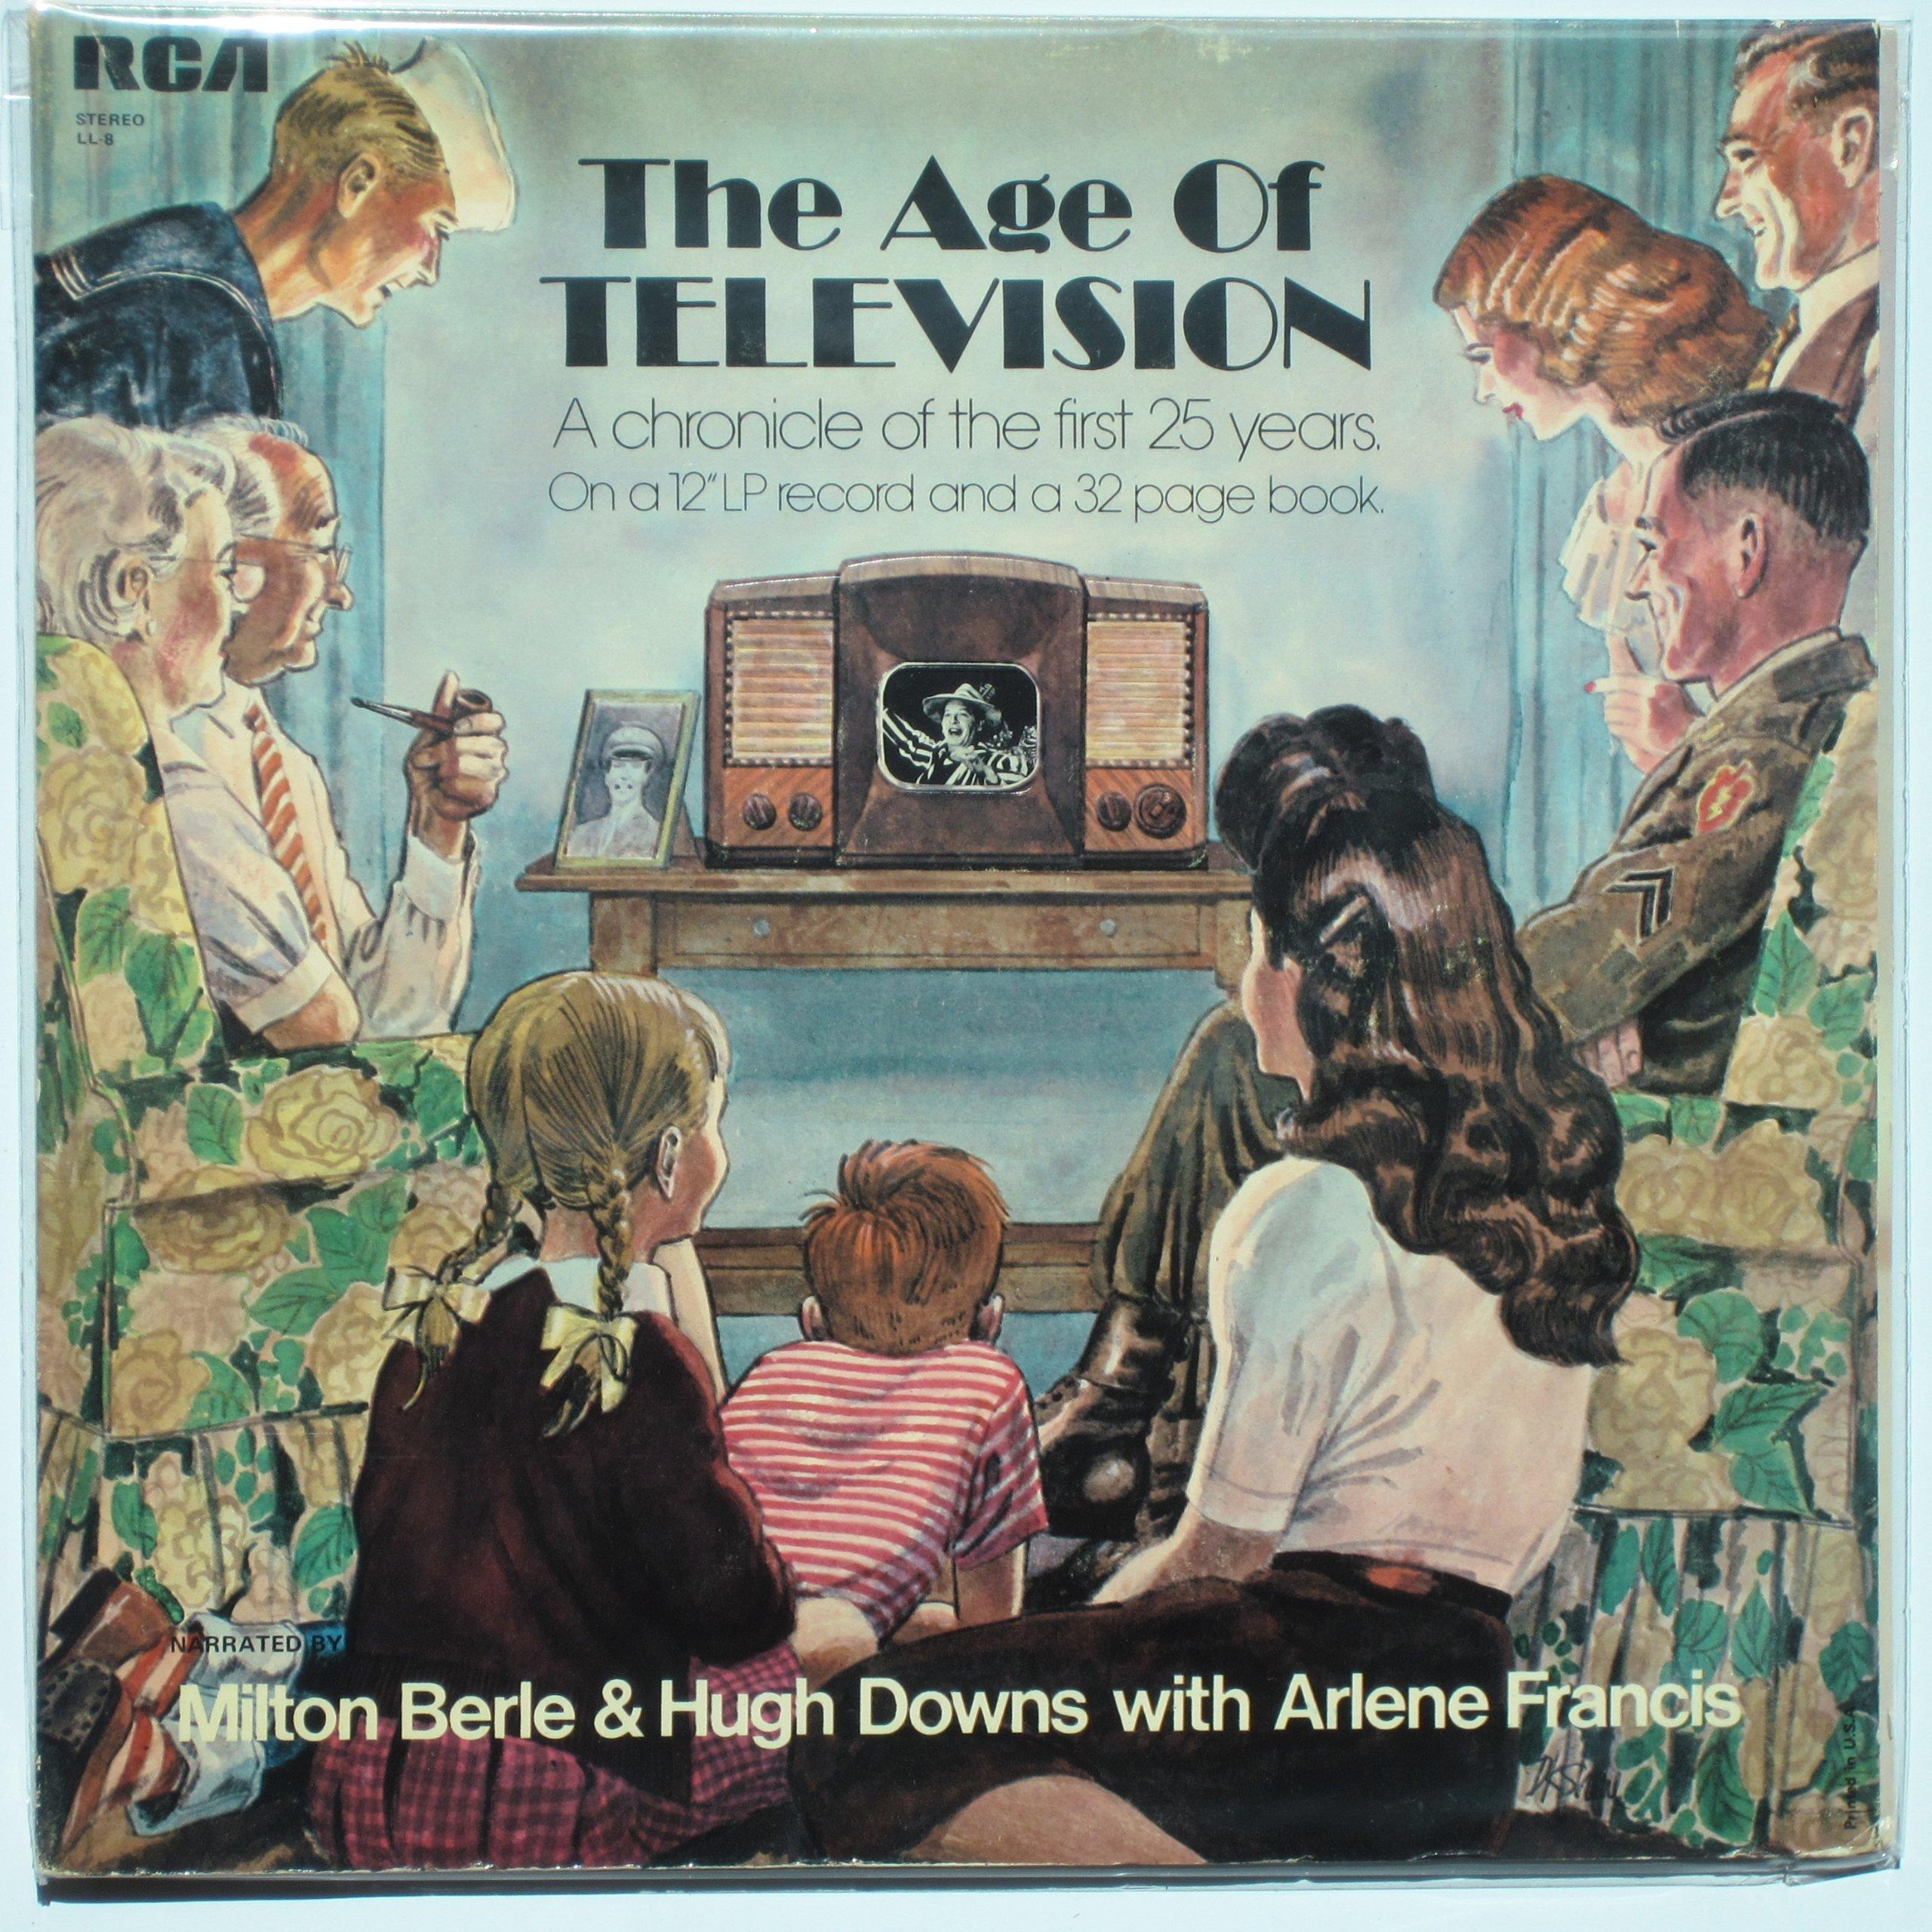 La era de la televisión: una crónica de los primeros 25 años